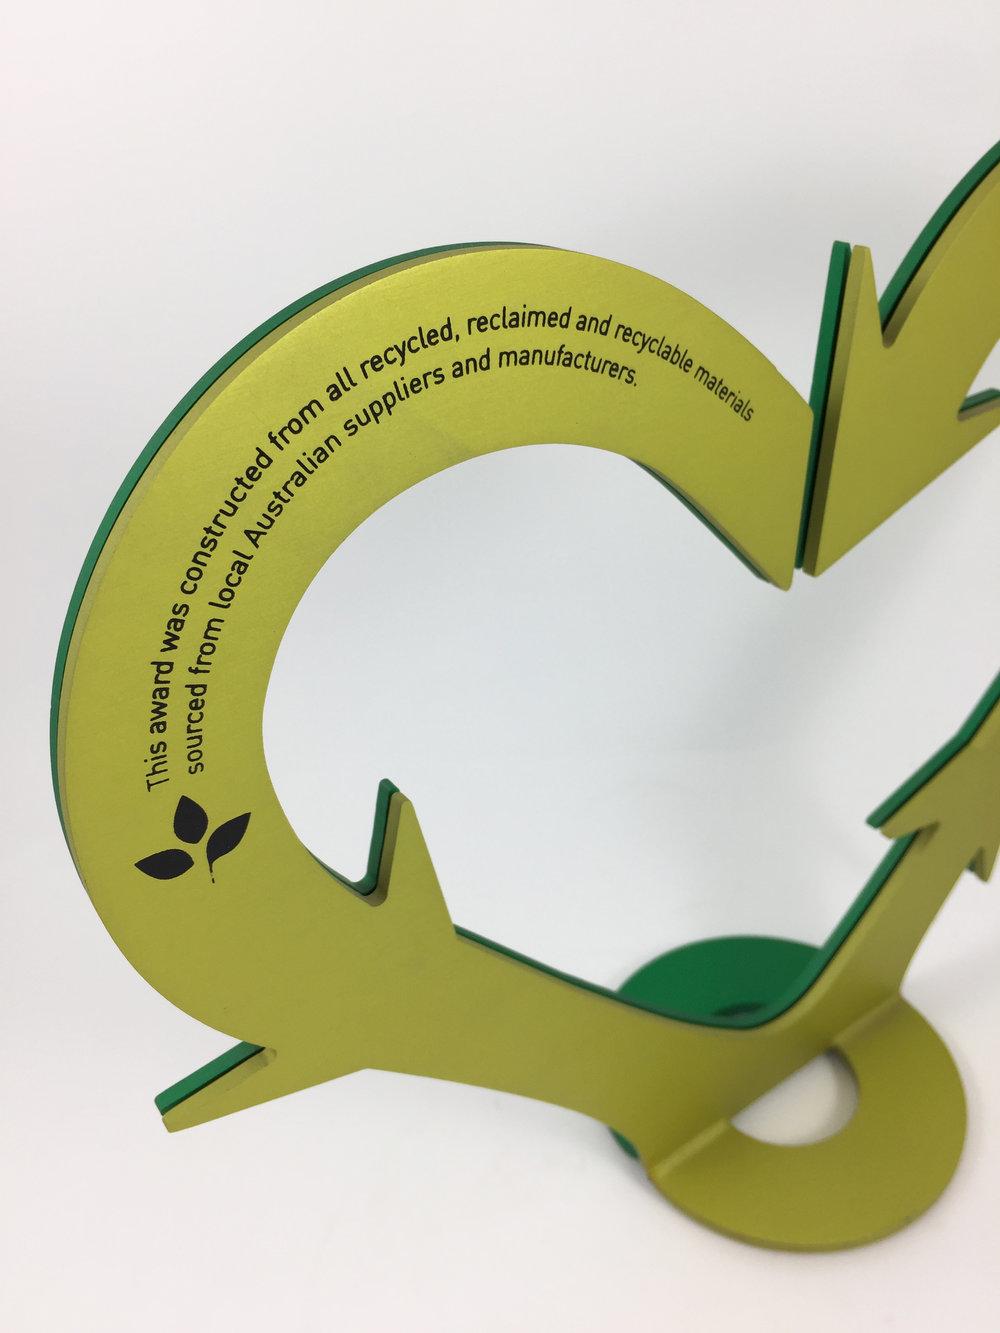 fuji-xerox-eco-aluminium-trophy-award-03.jpg